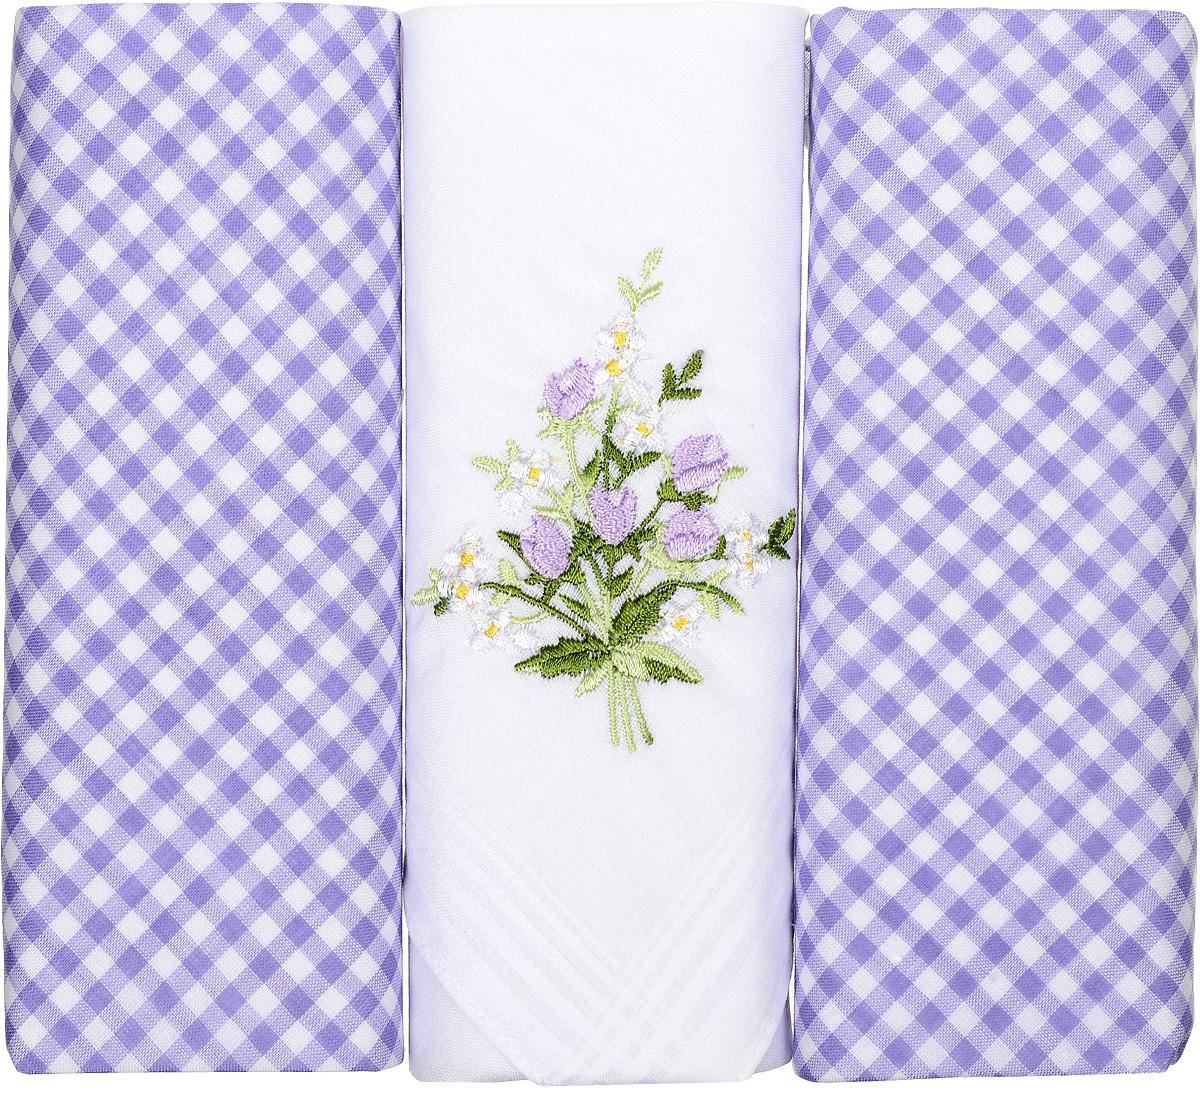 Платок носовой женский Zlata Korunka, цвет: белый, голубой, 3 шт. 90330-3. Размер 28 см х 28 см90330-3Небольшой женский носовой платок Zlata Korunka изготовлен из высококачественного натурального хлопка, благодаря чему приятен в использовании, хорошо стирается, не садится и отлично впитывает влагу. Практичный и изящный носовой платок будет незаменим в повседневной жизни любого современного человека. Такой платок послужит стильным аксессуаром и подчеркнет ваше превосходное чувство вкуса. В комплекте 3 платка.